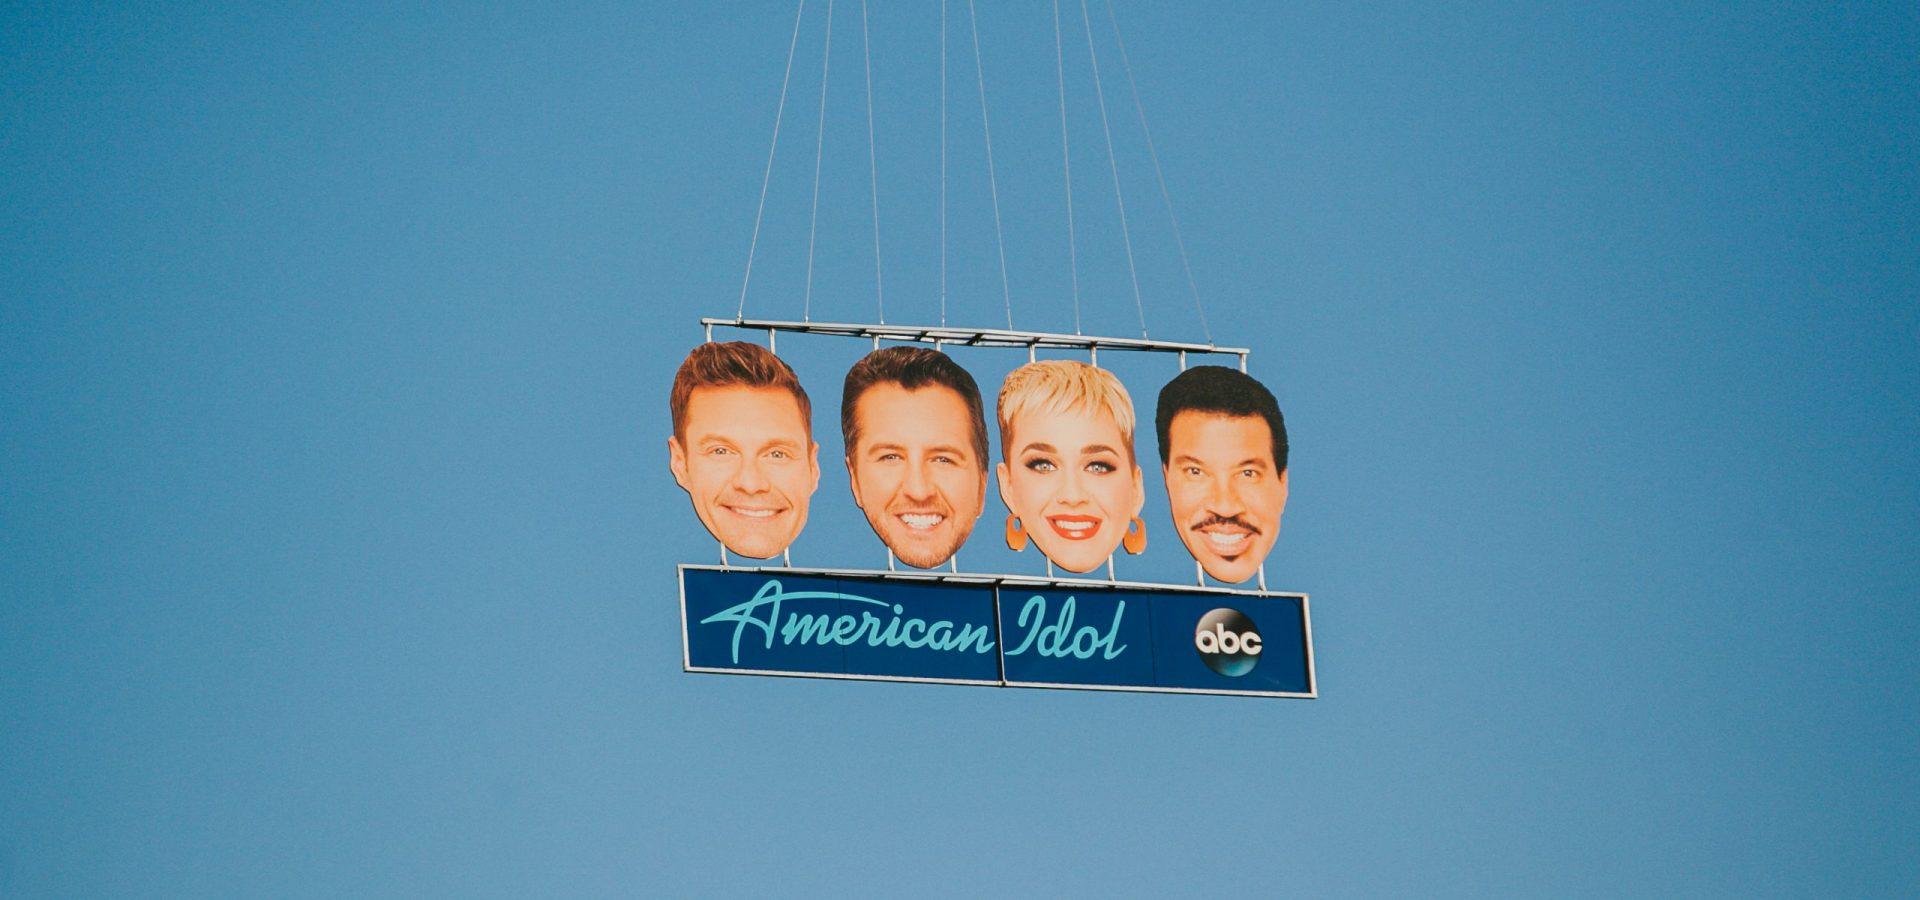 american idol hollywood heads stunt flyover